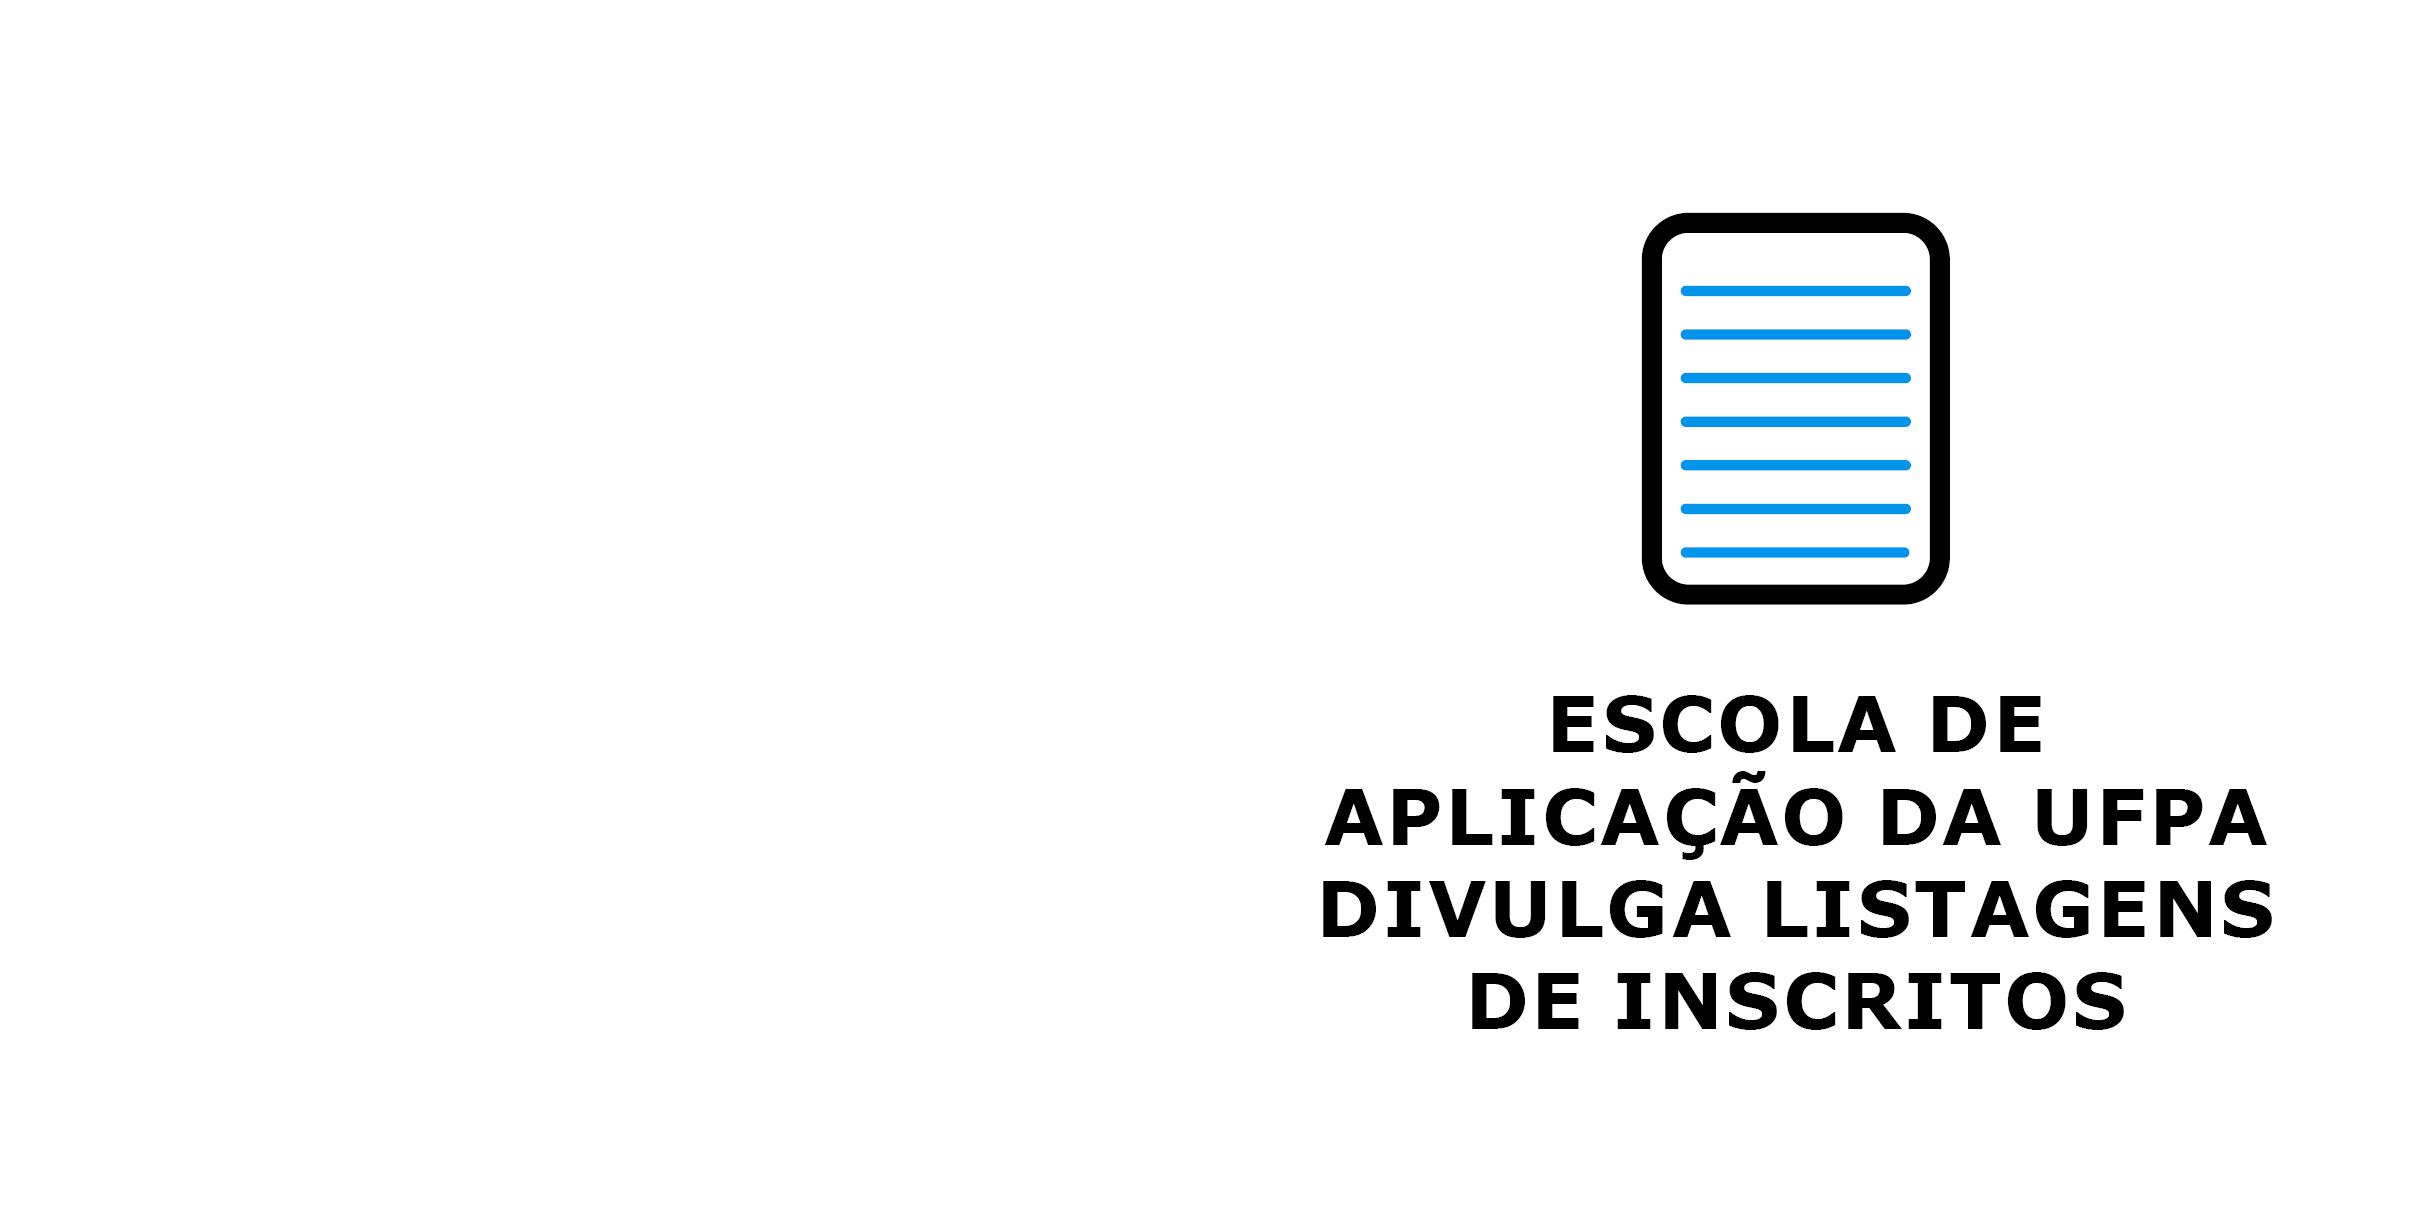 EAUFPA: confira a validação dos inscritos